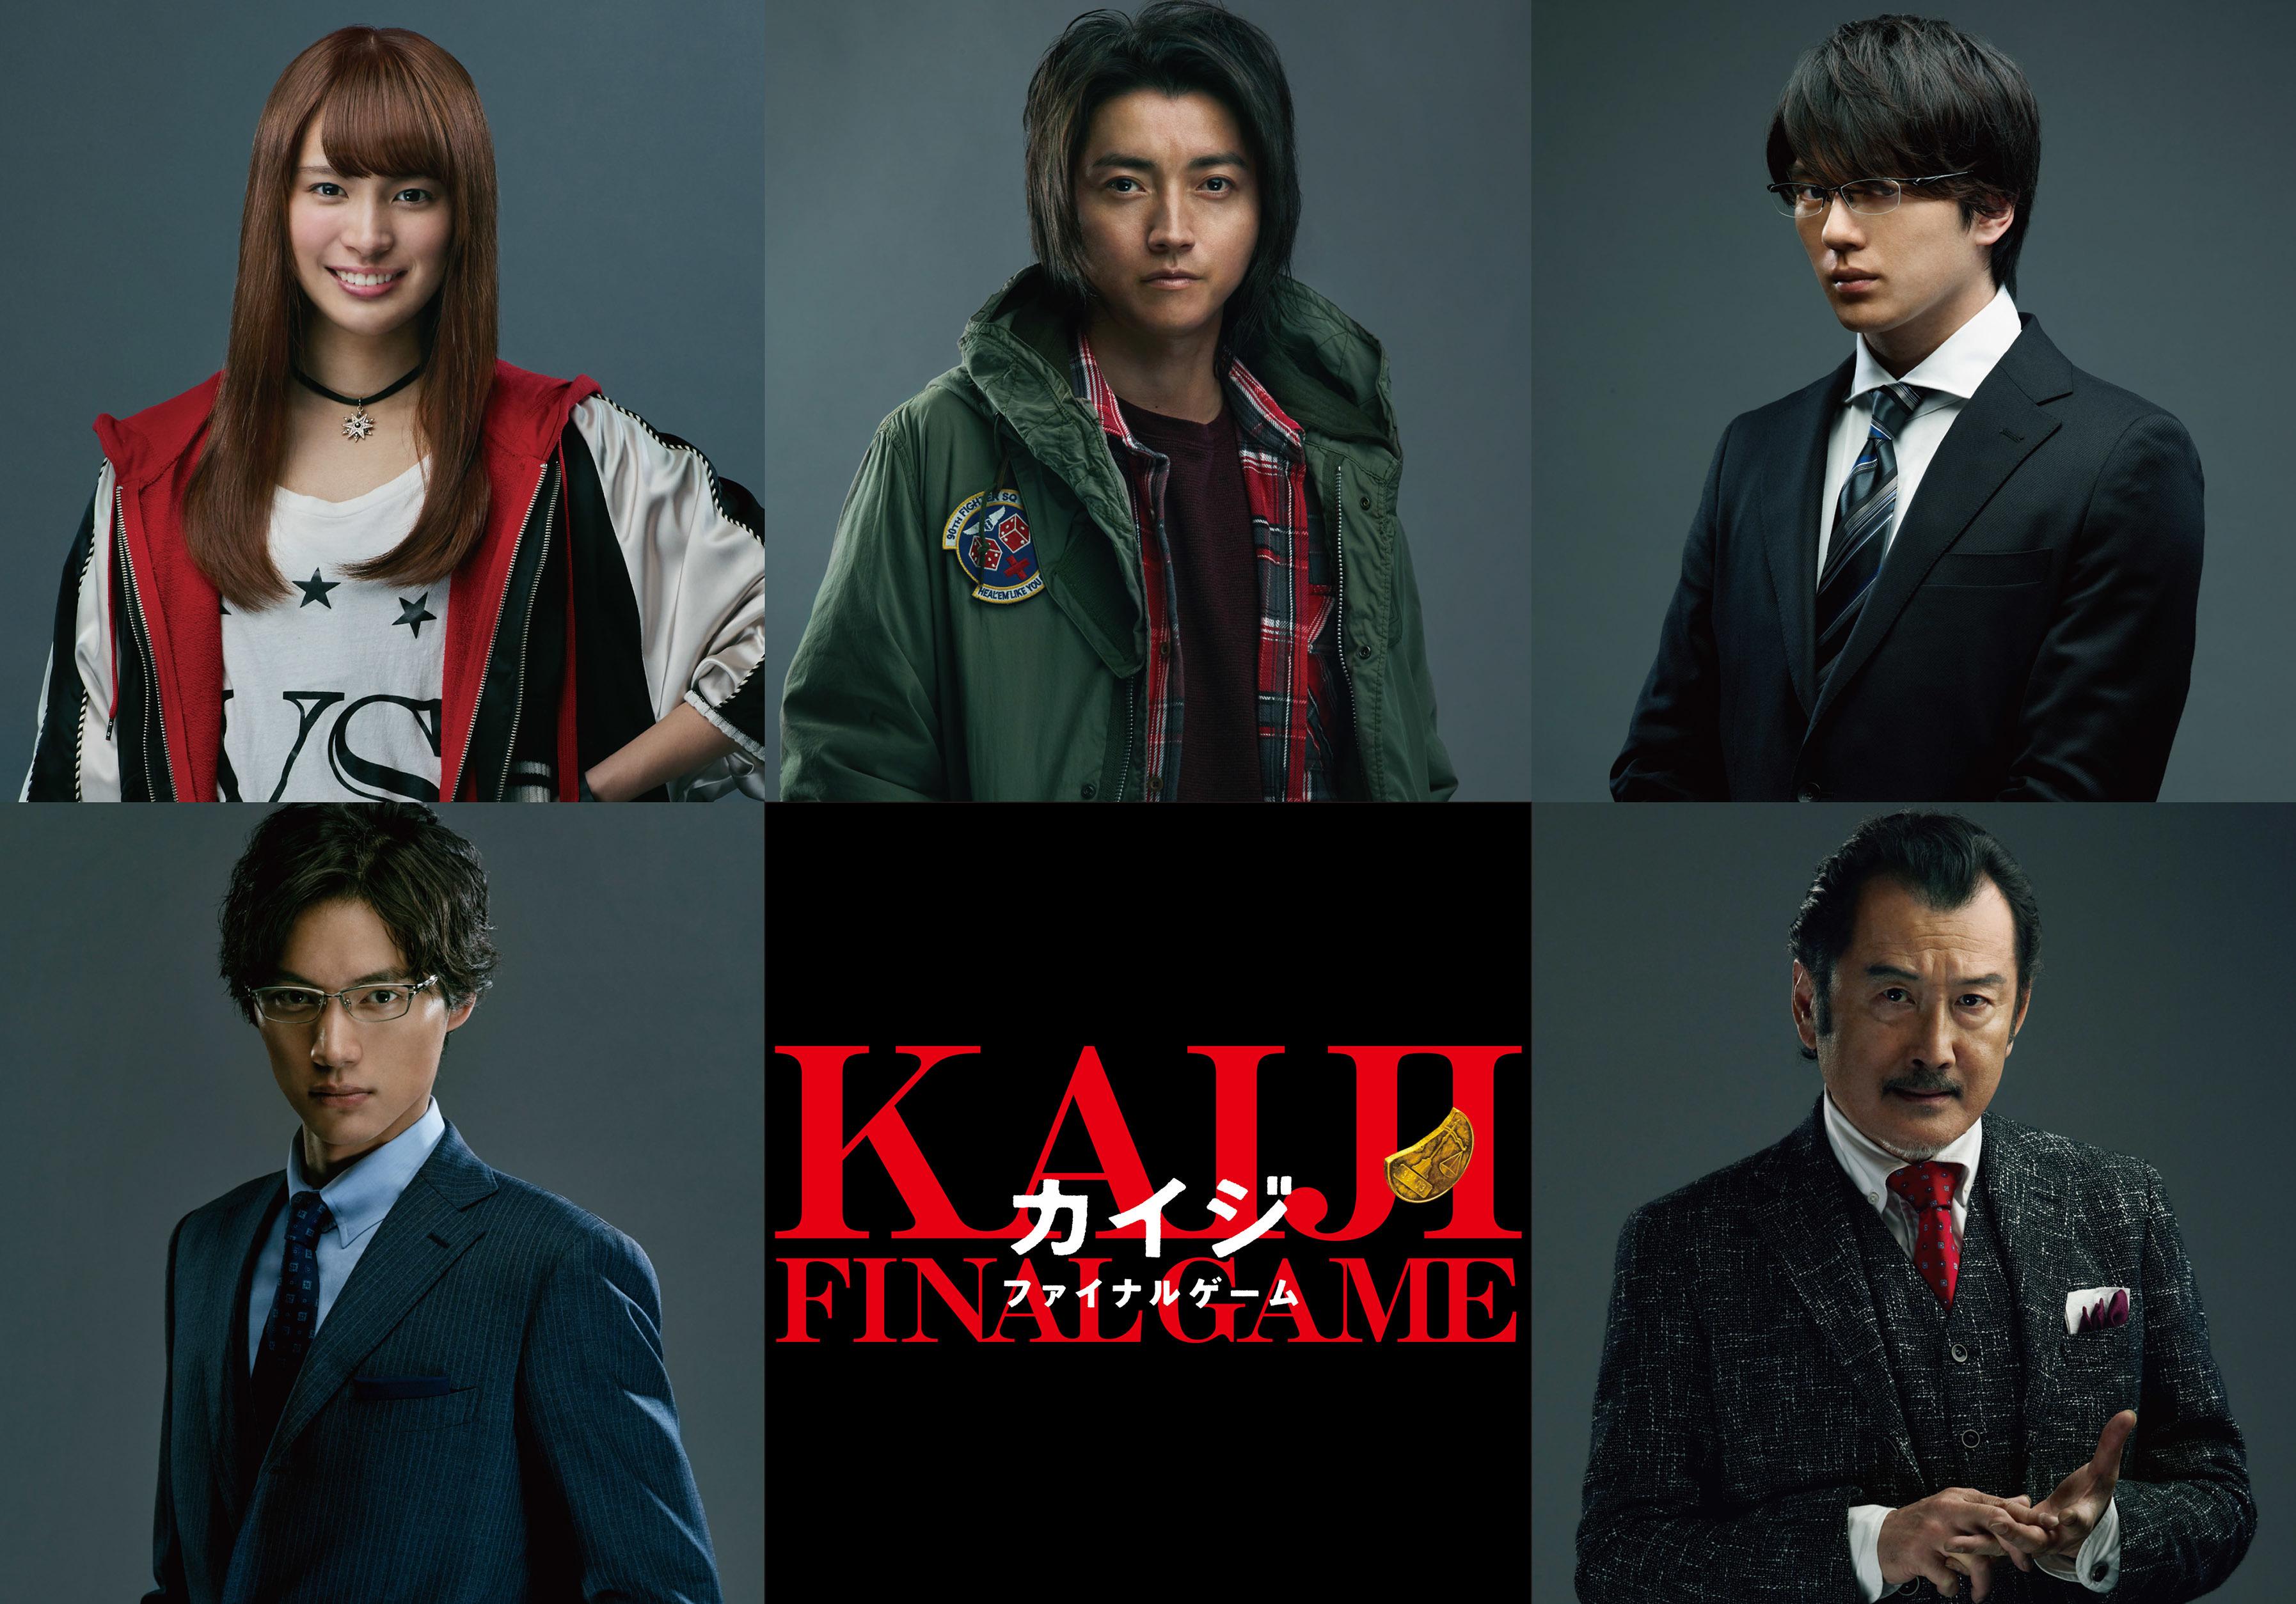 左上から時計周りに、関水渚、藤原竜也、新田真剣佑、吉田鋼太郎、福士蒼汰